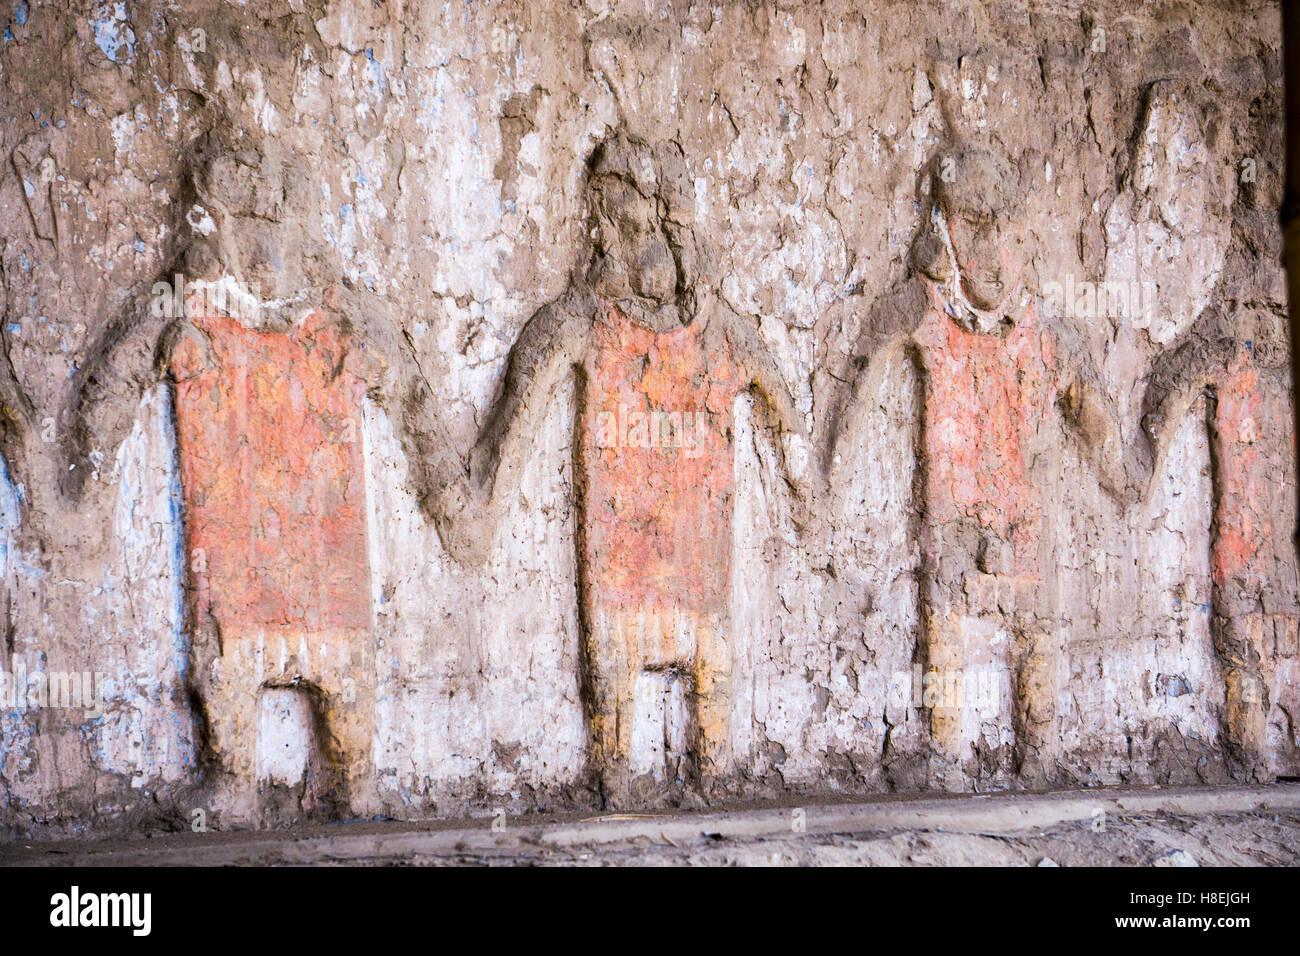 Huaca del Sol y de la Luna, Moche civilisation, Peru, South America - Stock Image